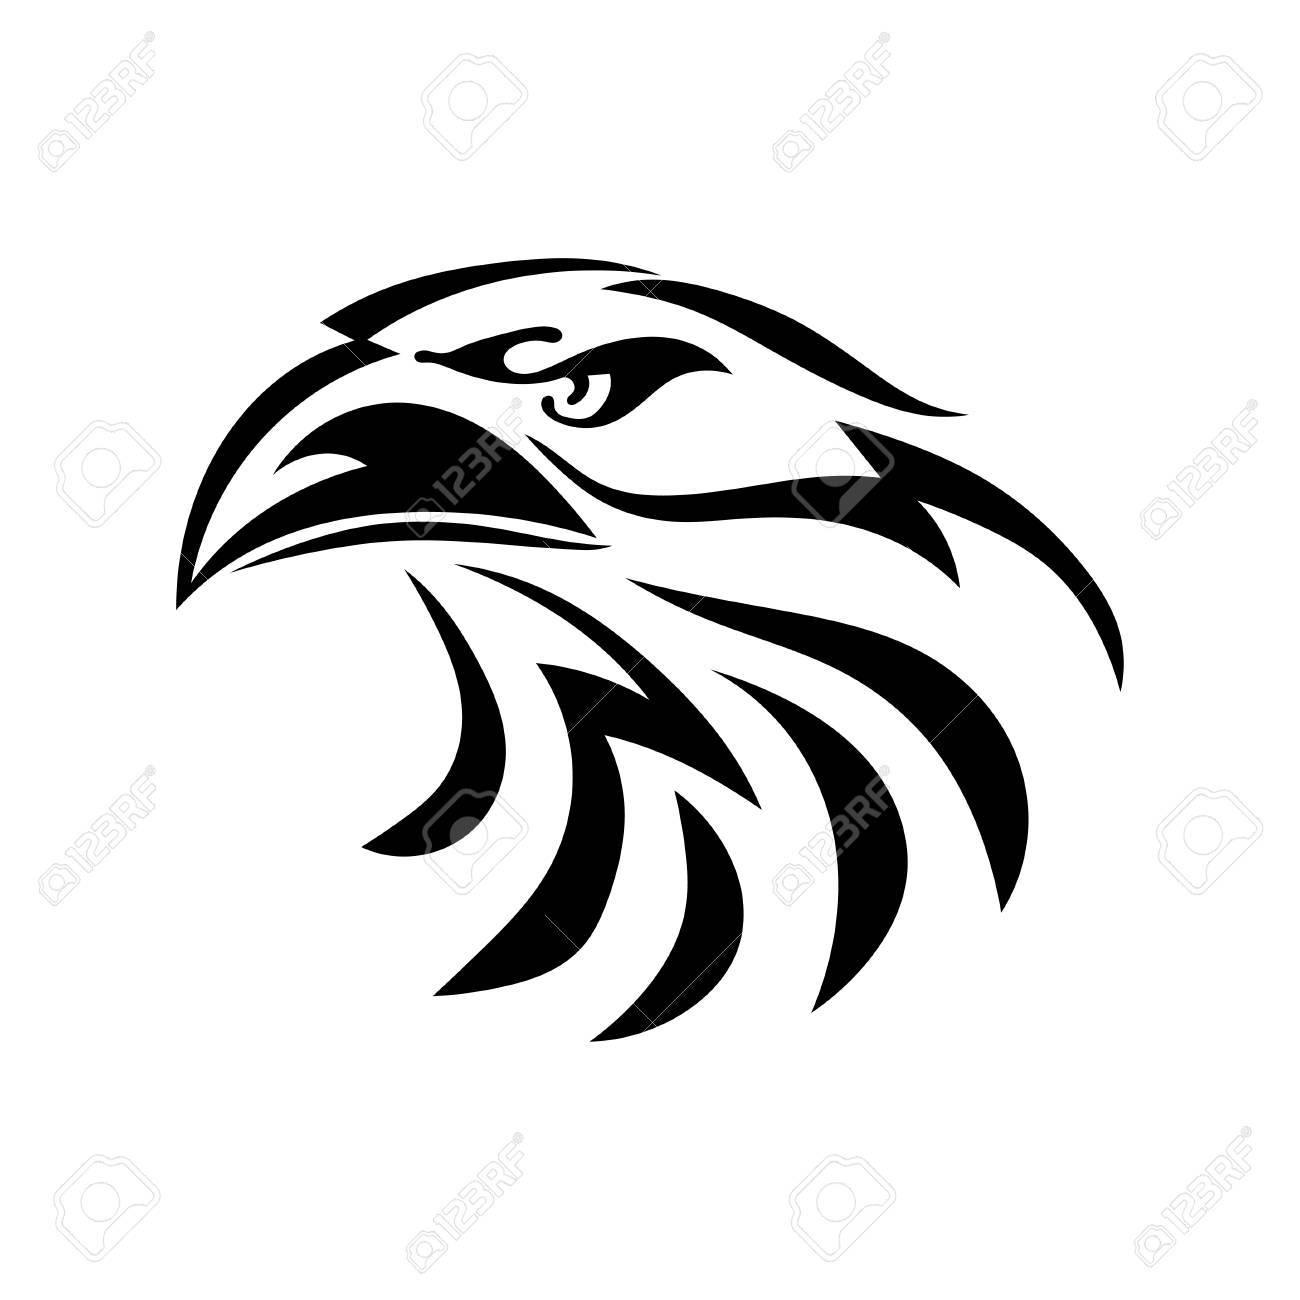 Dessin Graphique Noir Dune Tête Daigle Sur Fond Blanc Oiseau Abstrait Avec Un Bec Illustration Vectorielle